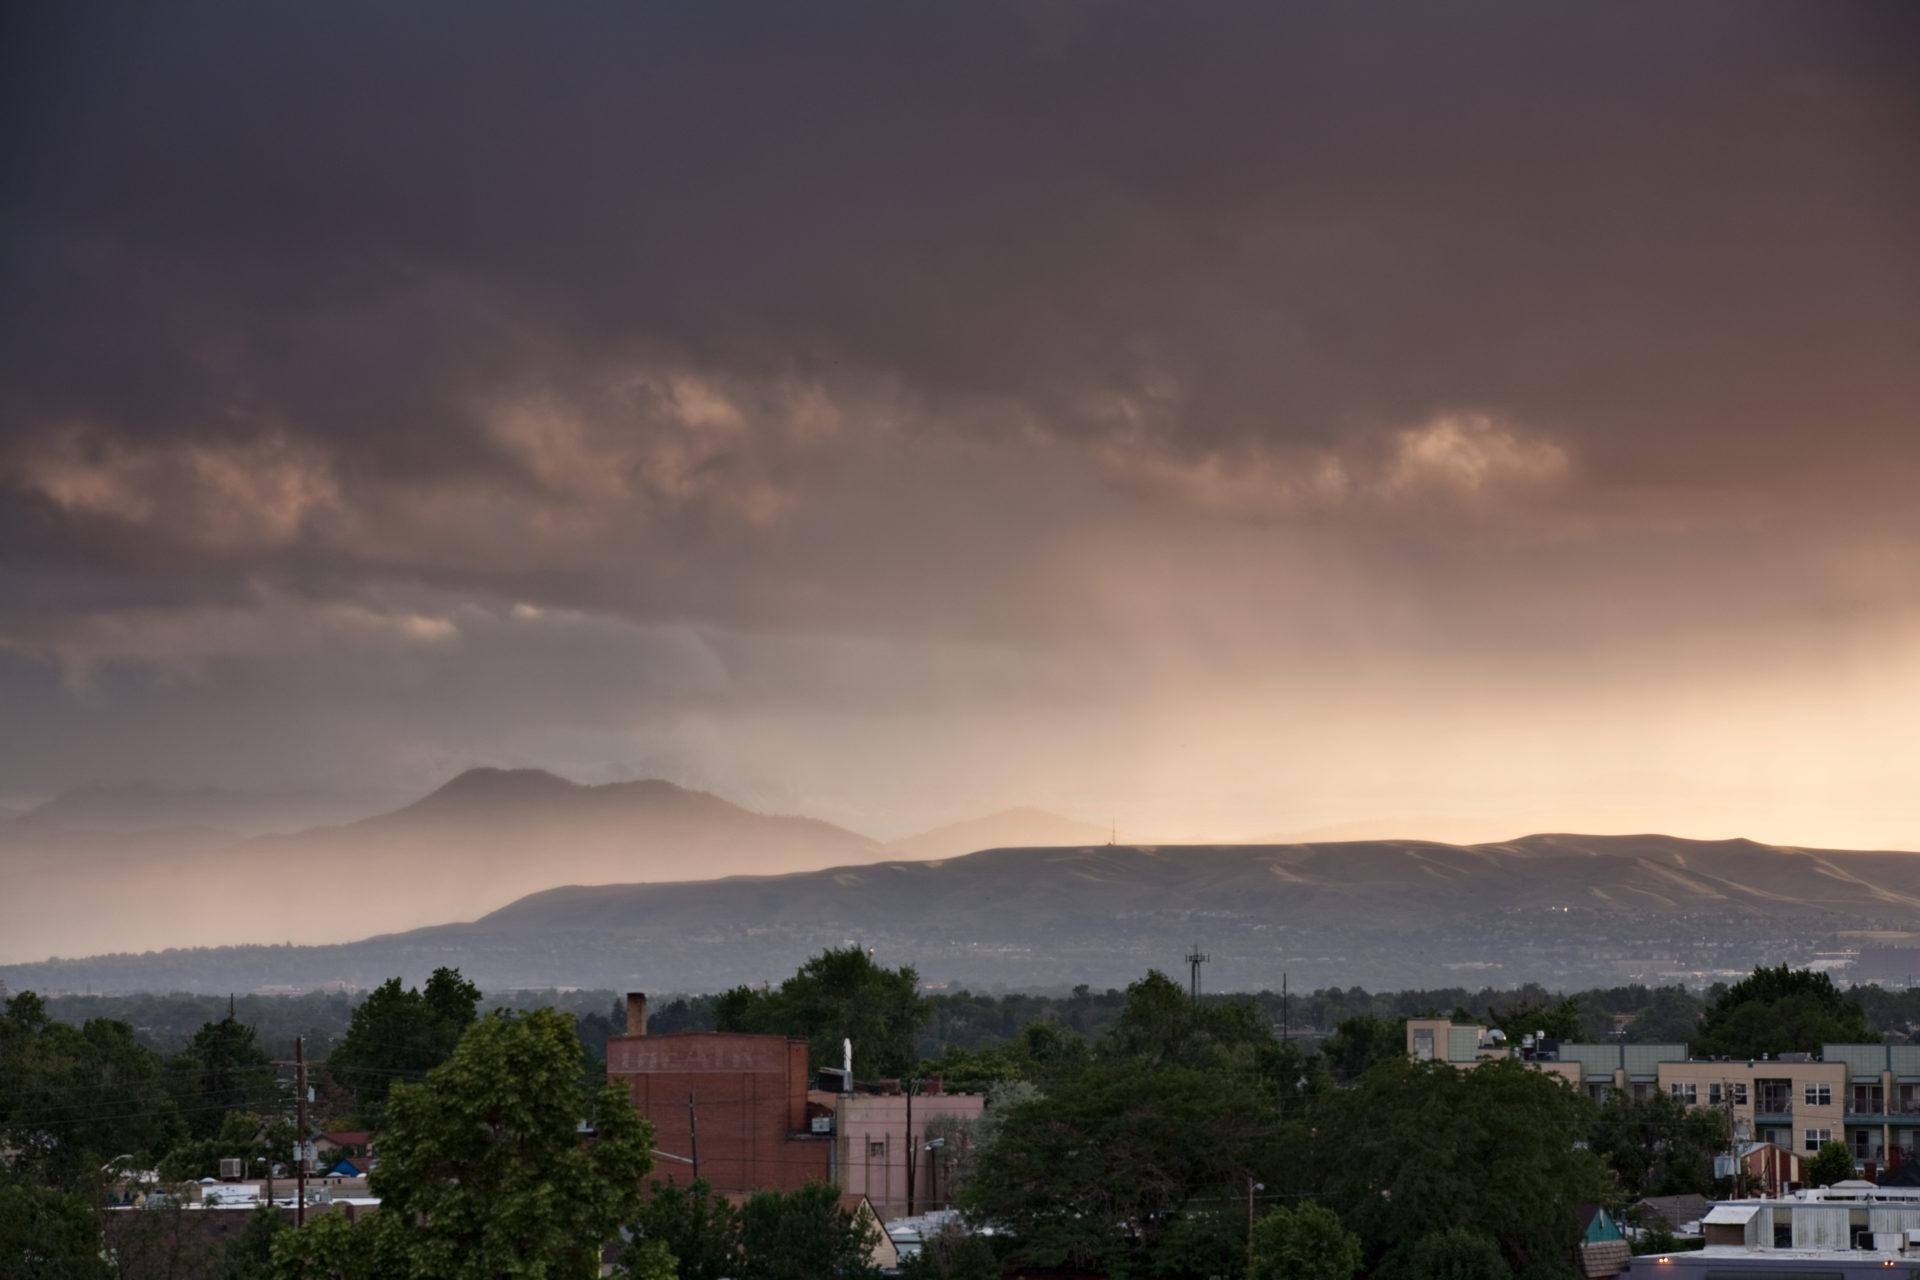 Mount Evans obscured - June 20, 2011